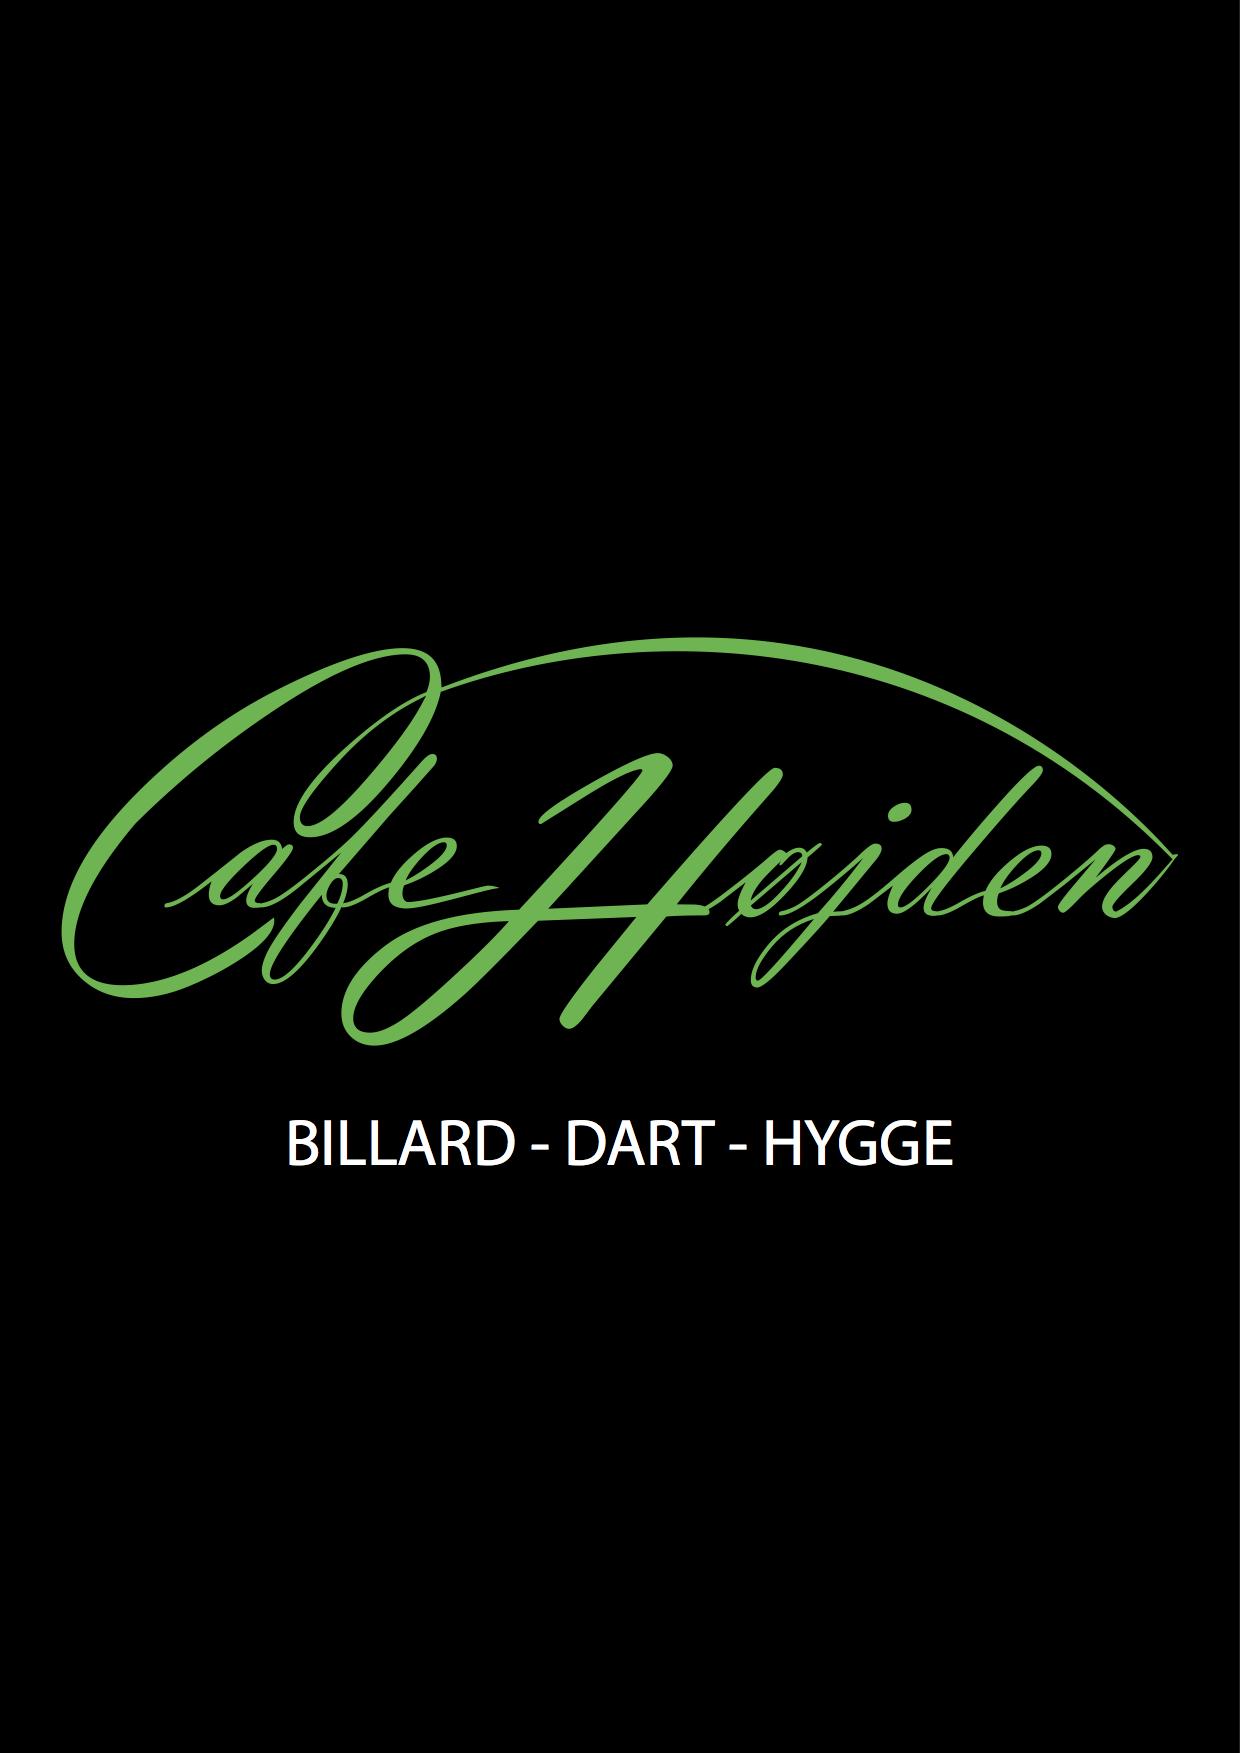 cafe_Højden_logo_2018